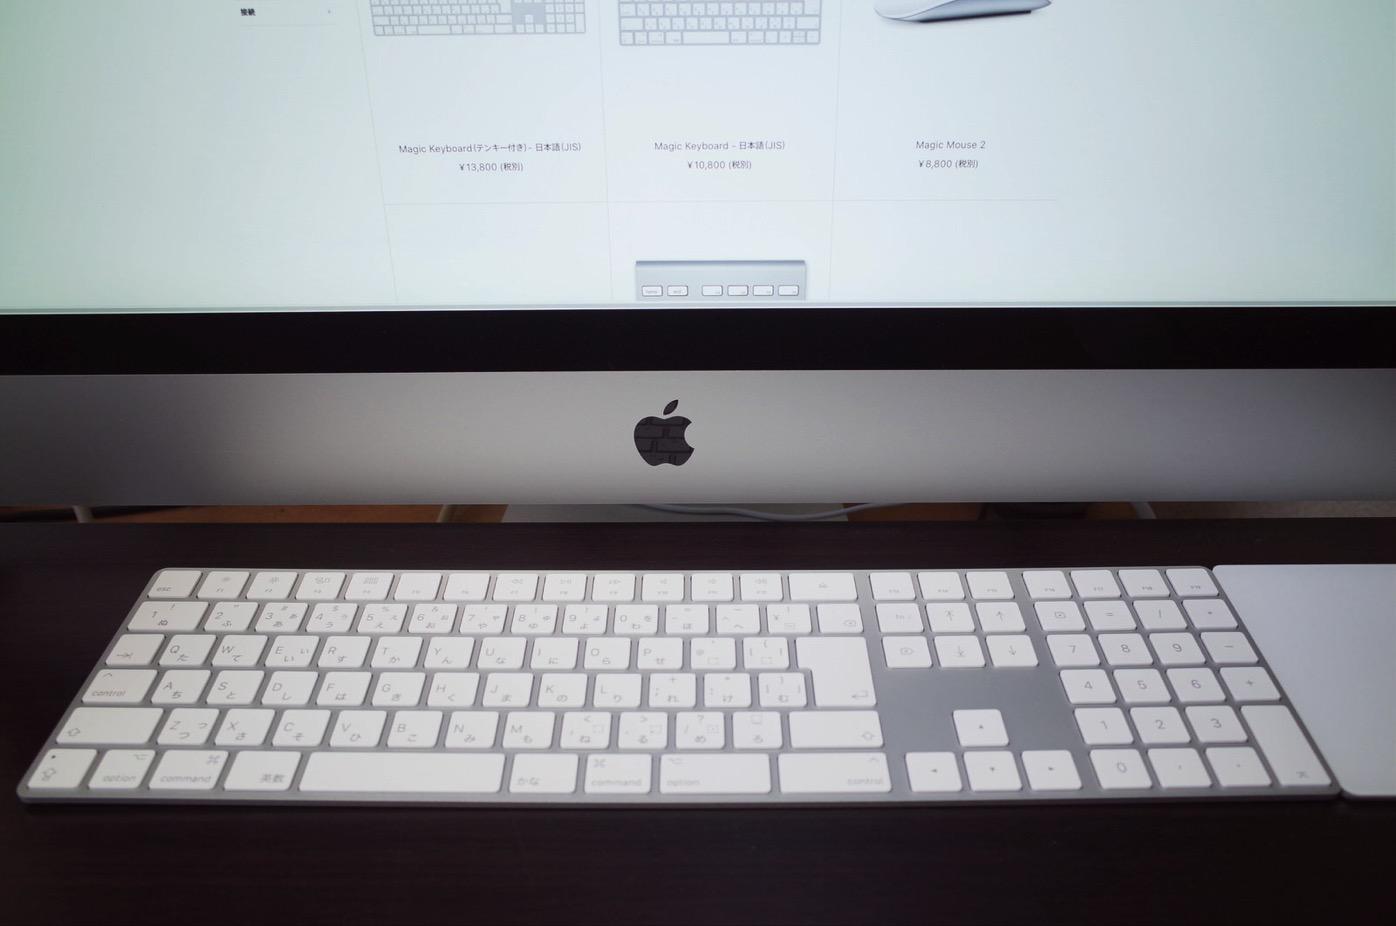 [Apple]今年購入した「Magic Keyboard(テンキー付き)- 日本語(JIS)」が変形したのでAppleサポートに連絡したら取り替えてもらうことになったよ